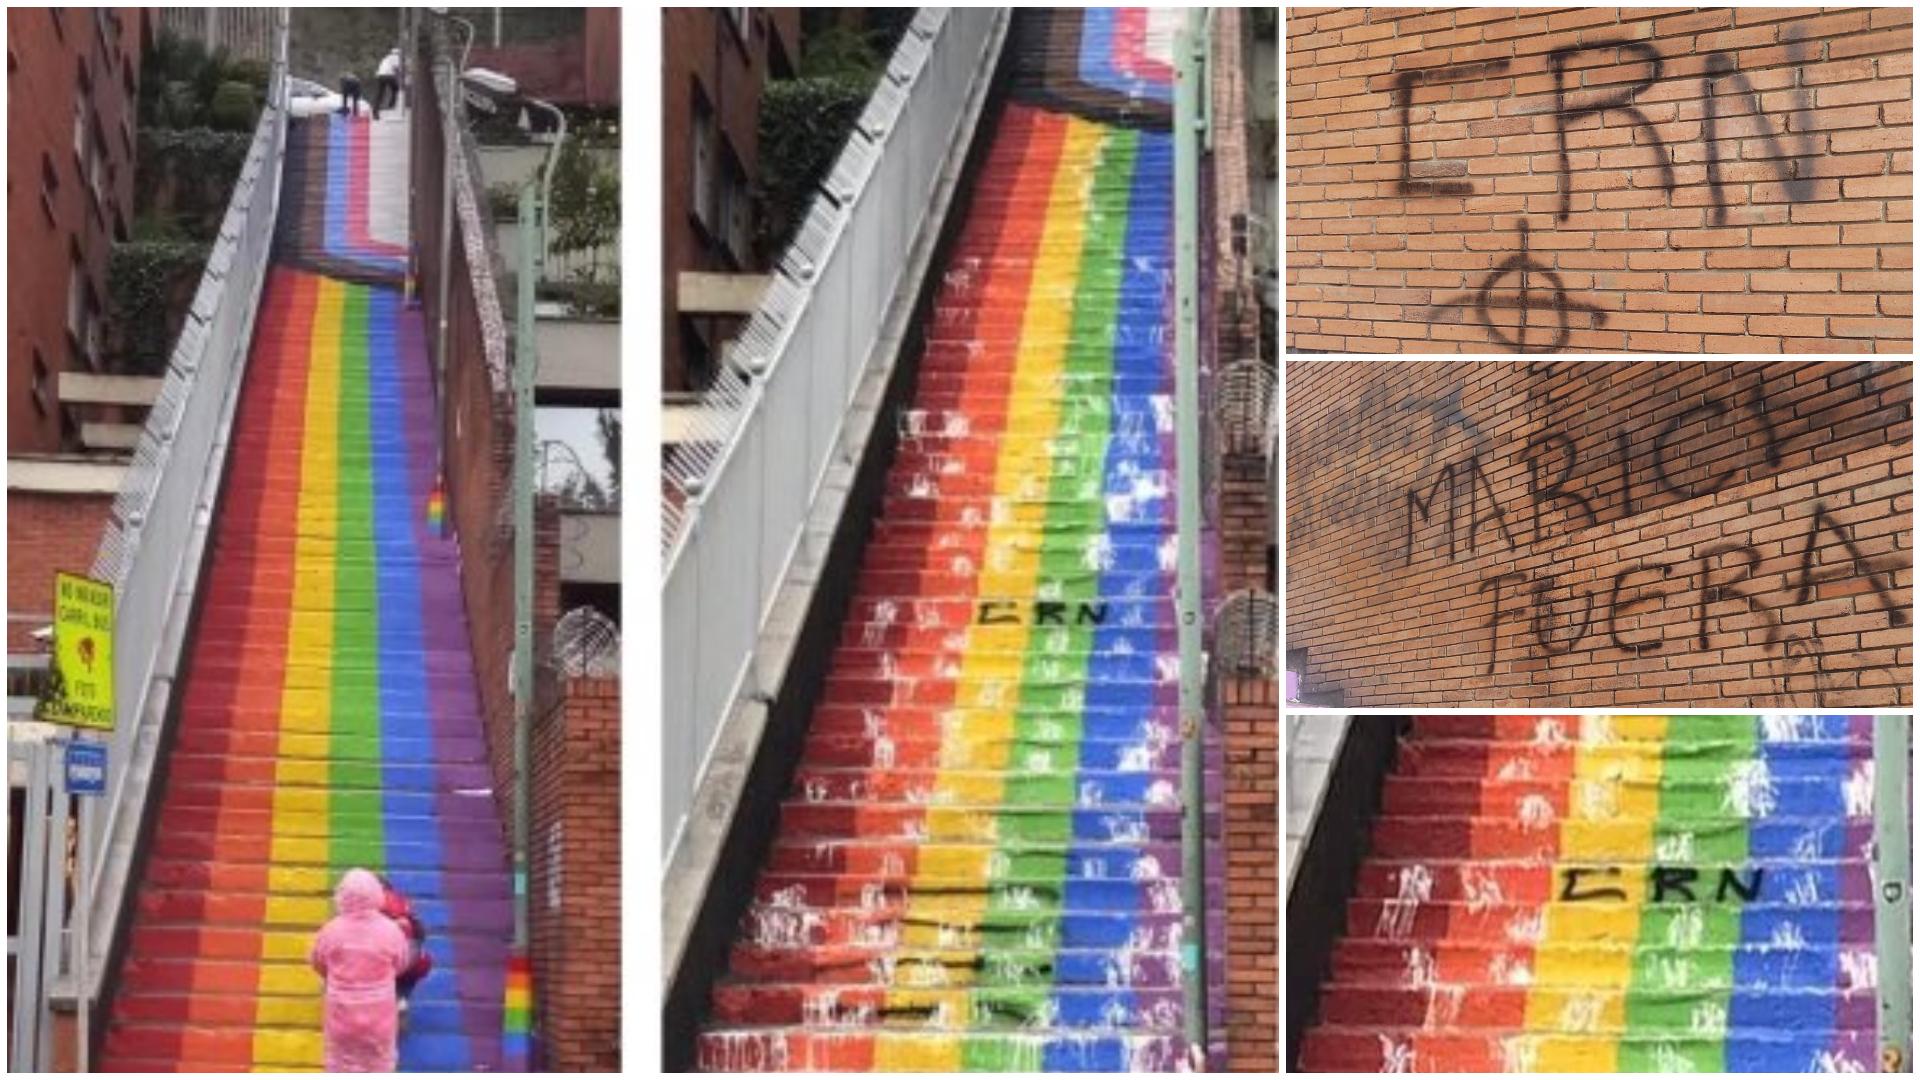 Quiénes están detrás? Denuncian mensajes discriminatorios en escalera con  colores LGBTIQ+ en Bogotá